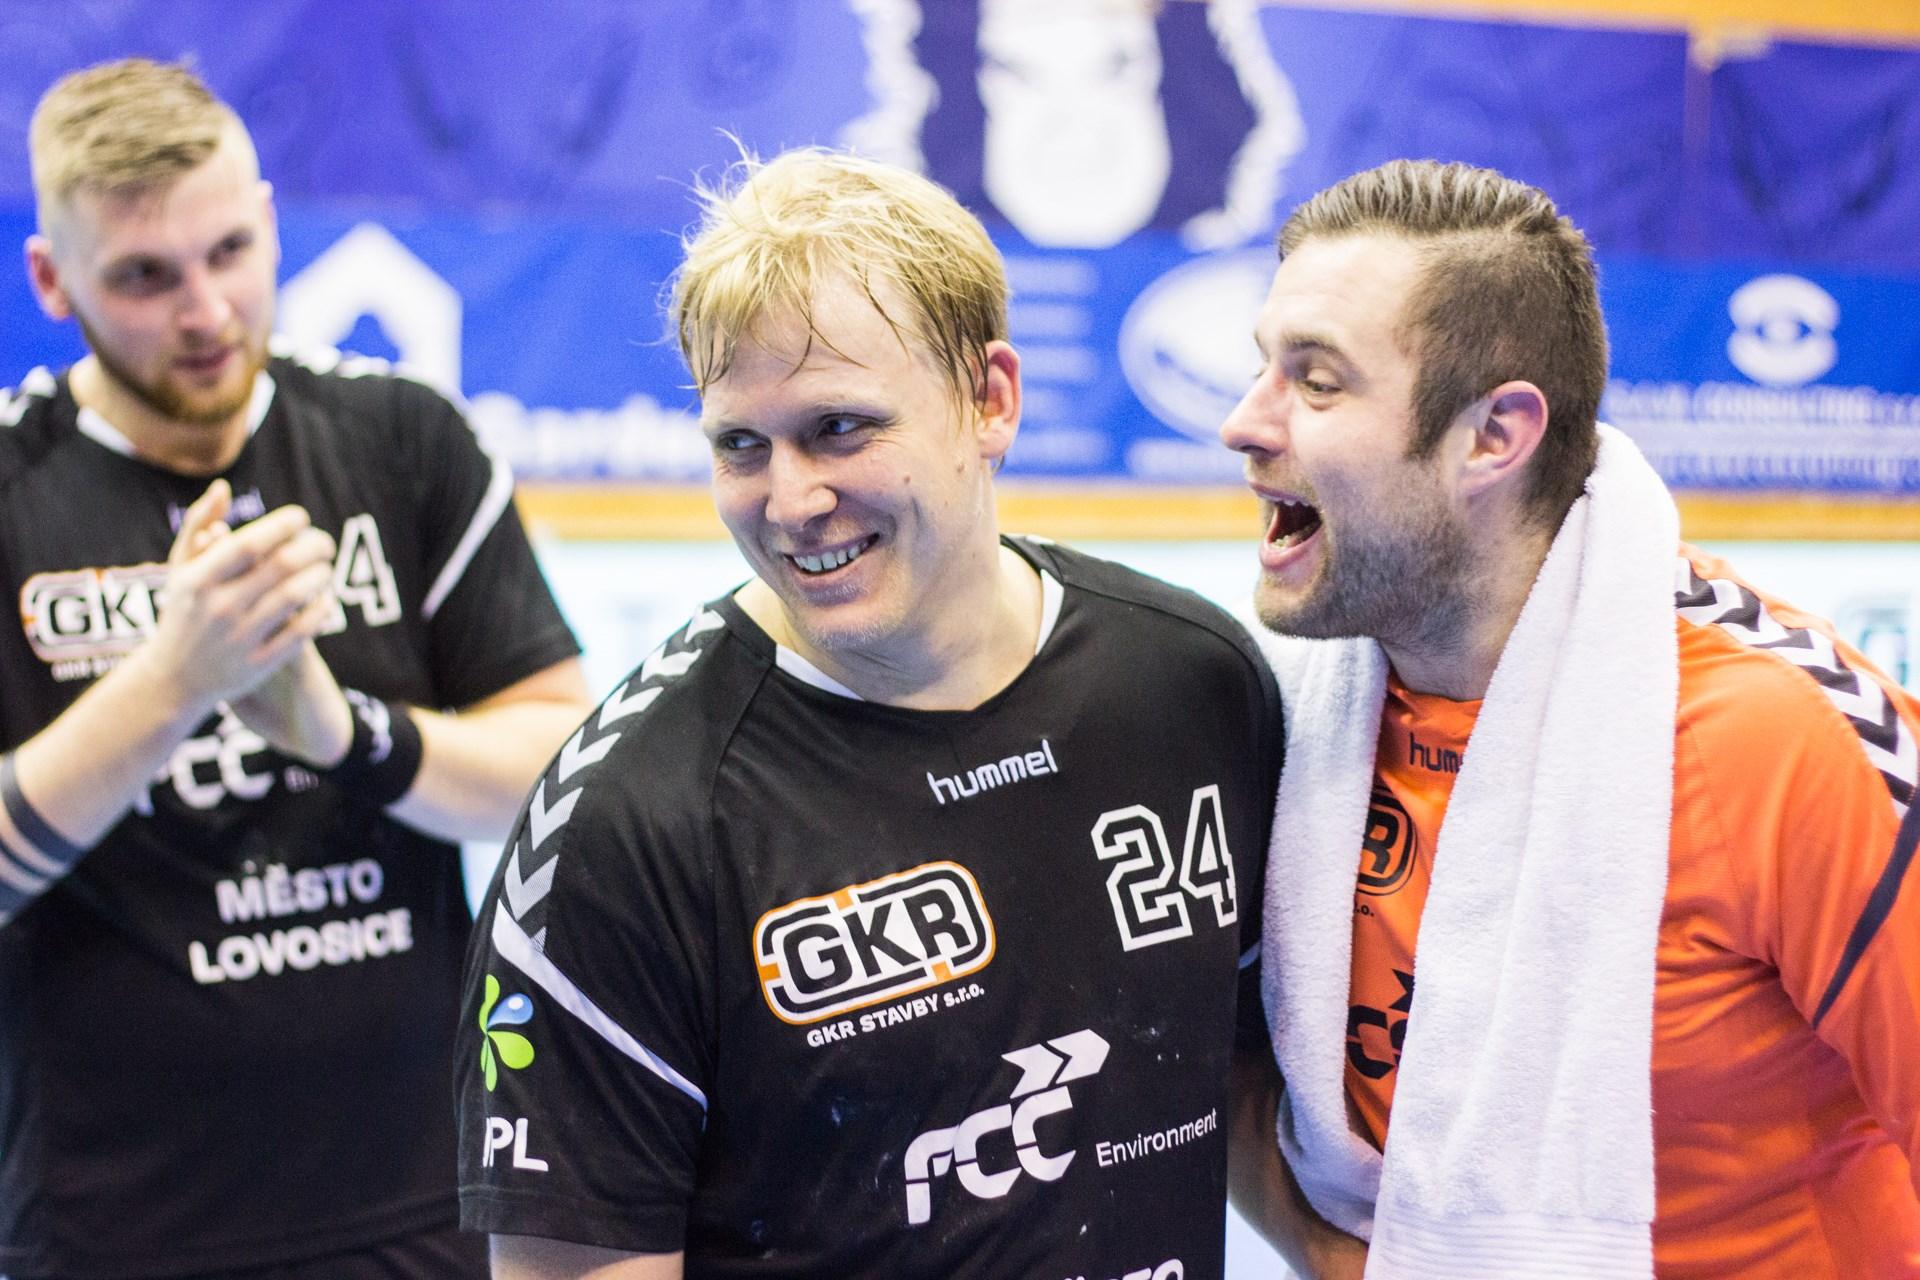 Nejlepším hráčem zápasu byl vyhlášen pivot Jiří Semerád (č. 24).